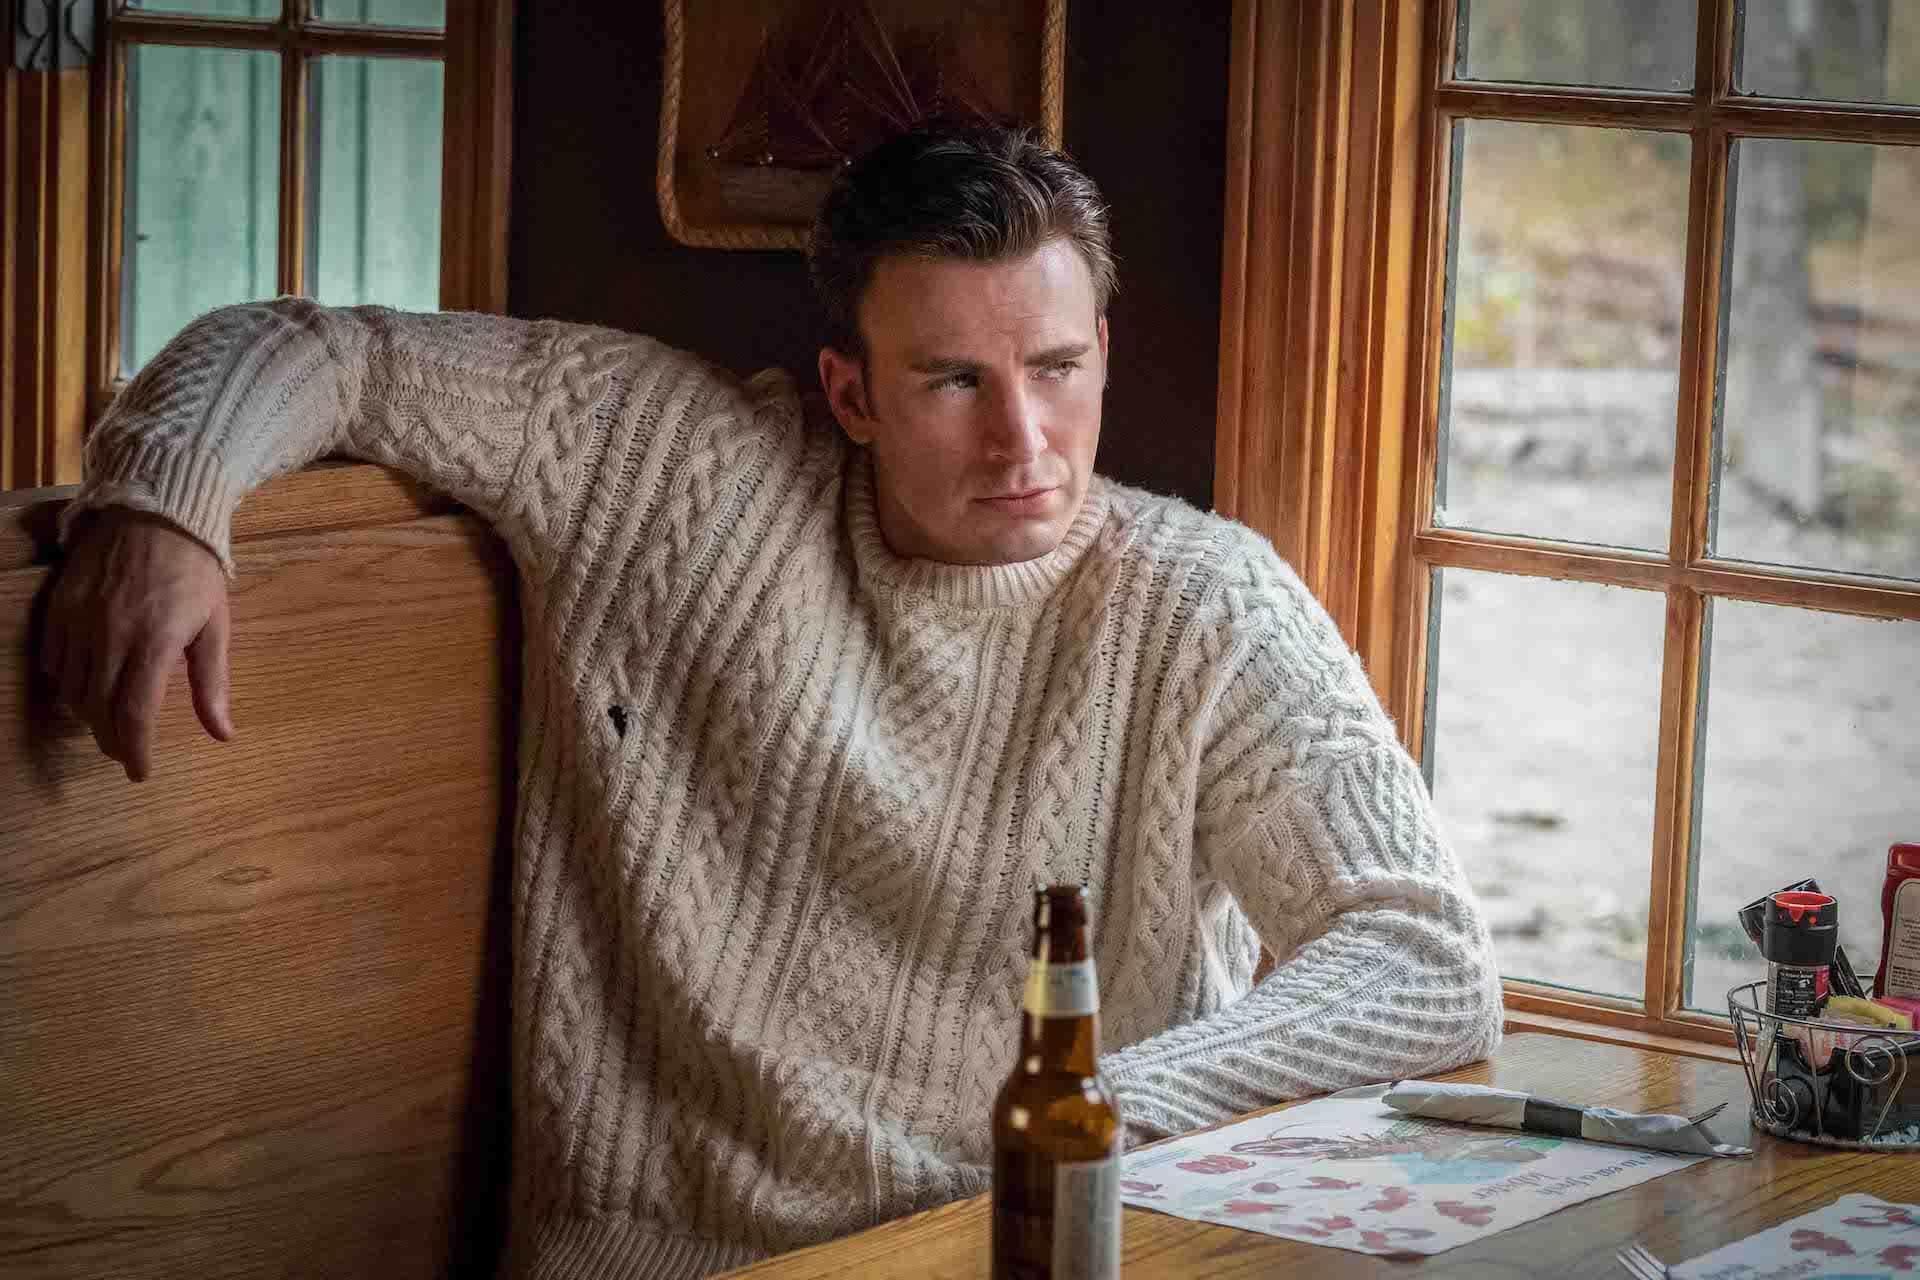 キャプテン・アメリカ役クリス・エヴァンスが今度はろくでなし野郎に!?『ナイブズ・アウト/名探偵と刃の館の秘密』日本公開決定 film191111_knivesout_3